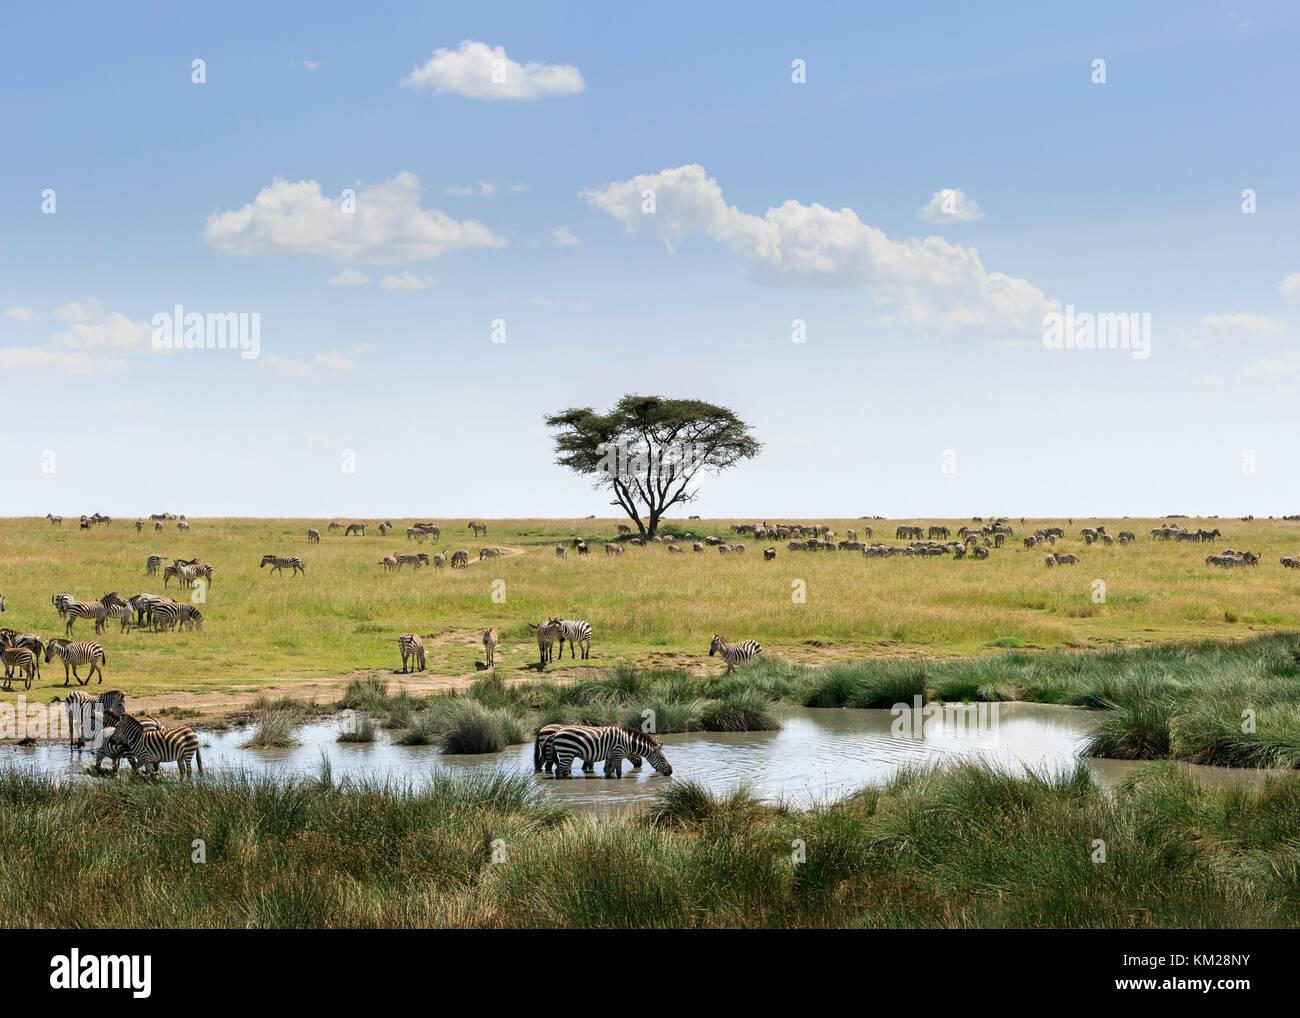 Les zèbres le pâturage dans le Serengeti, Tanzanie, Afrique du Sud Photo Stock